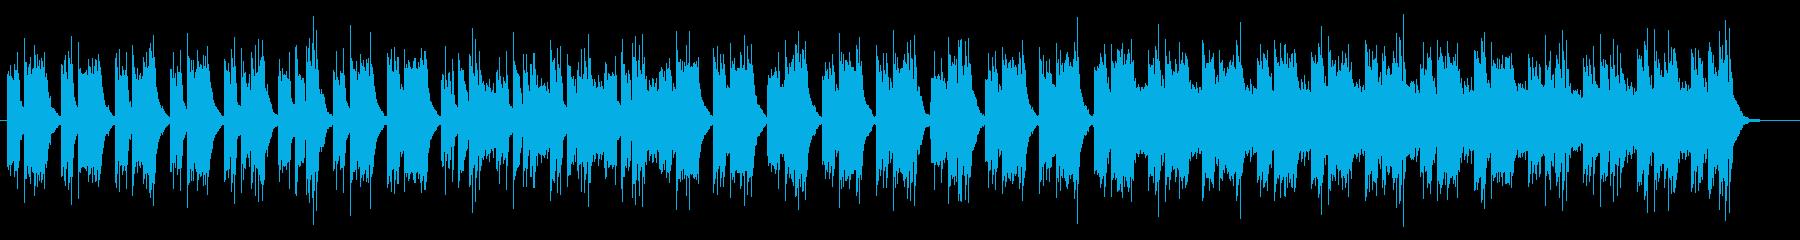 静かにひっそりとしたミュージックの再生済みの波形